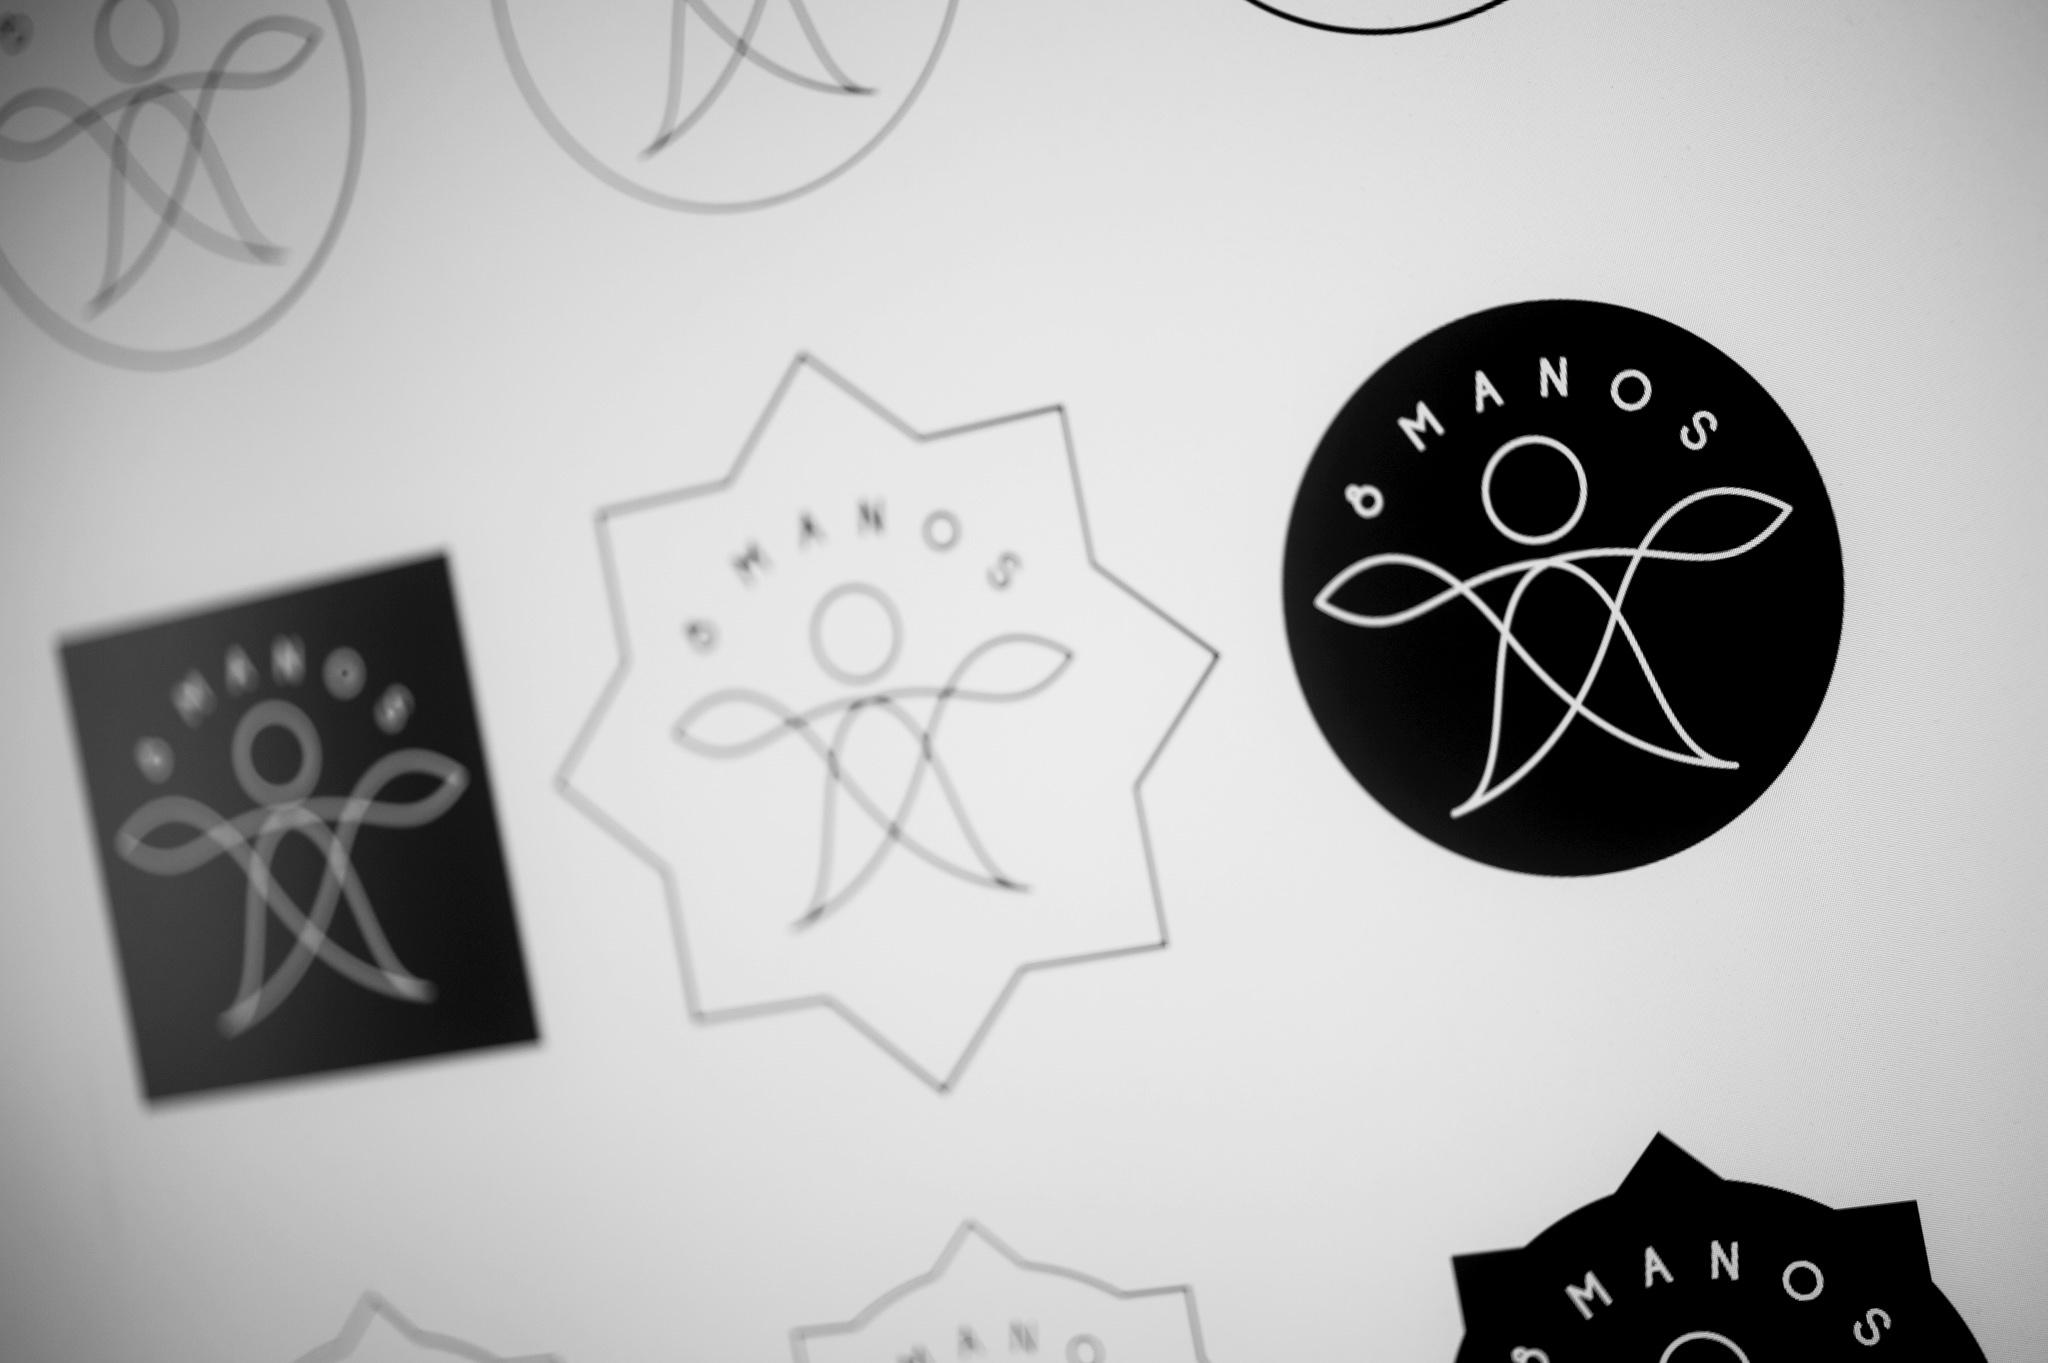 GD_8manos_logo_13